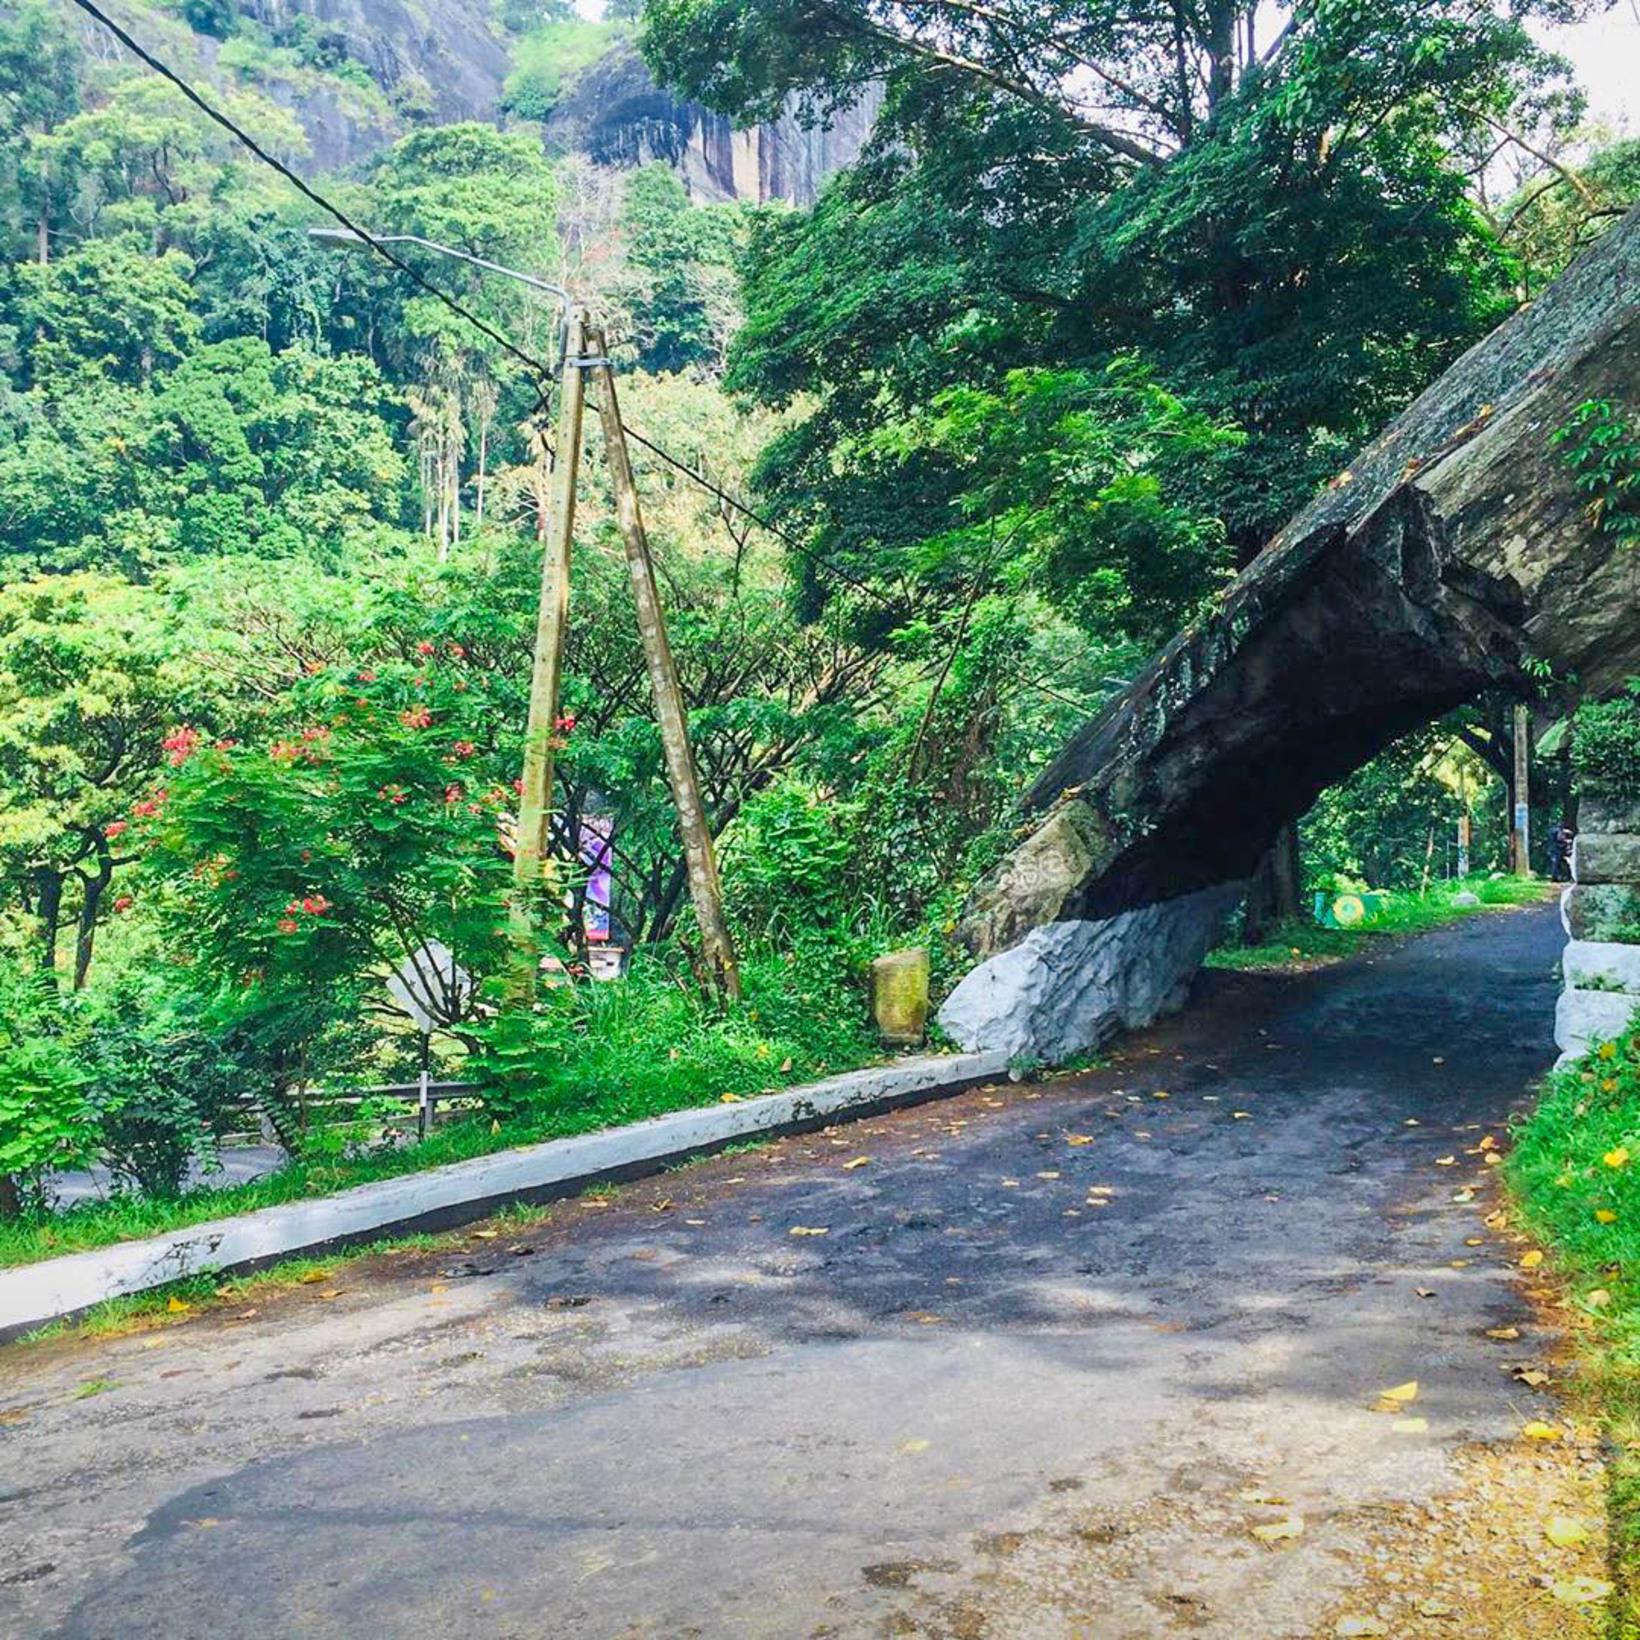 Kadugannawa Rock Tunnel